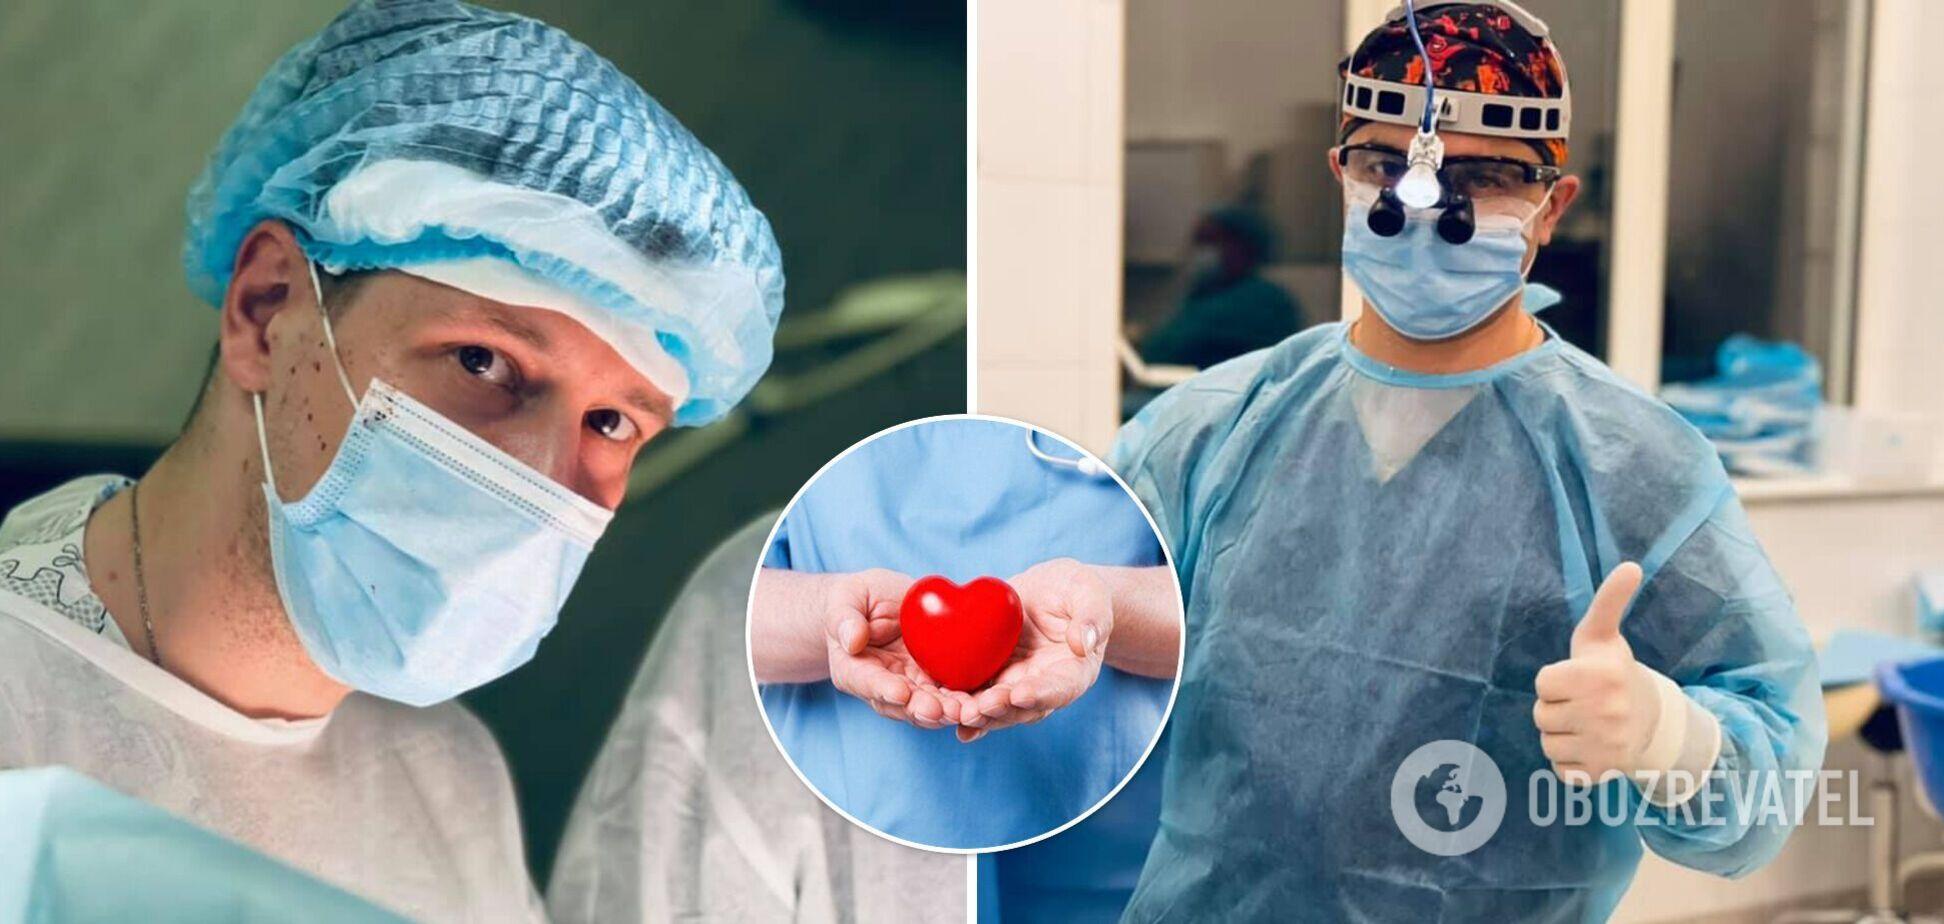 Врачи провели трансплантацию органов